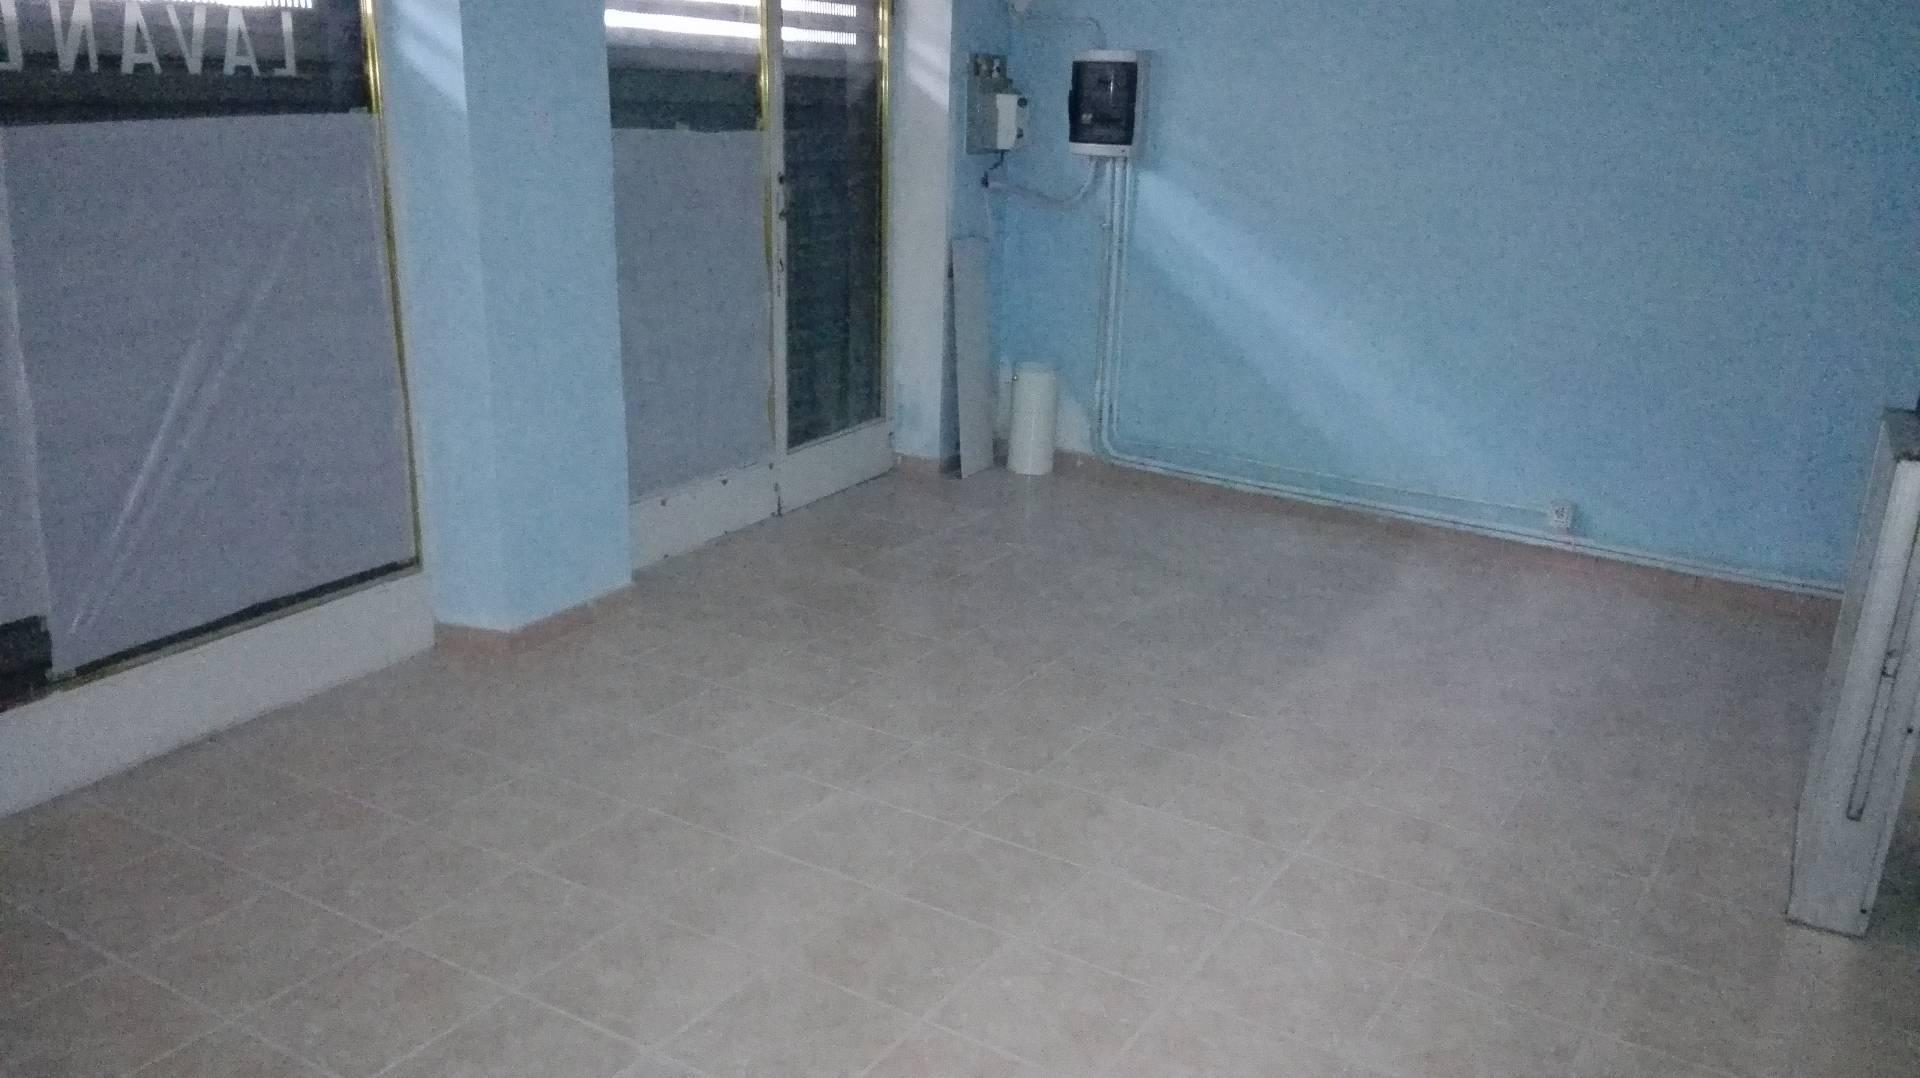 Attività / Licenza in affitto a Ozzano Monferrato, 9999 locali, prezzo € 400 | Cambio Casa.it